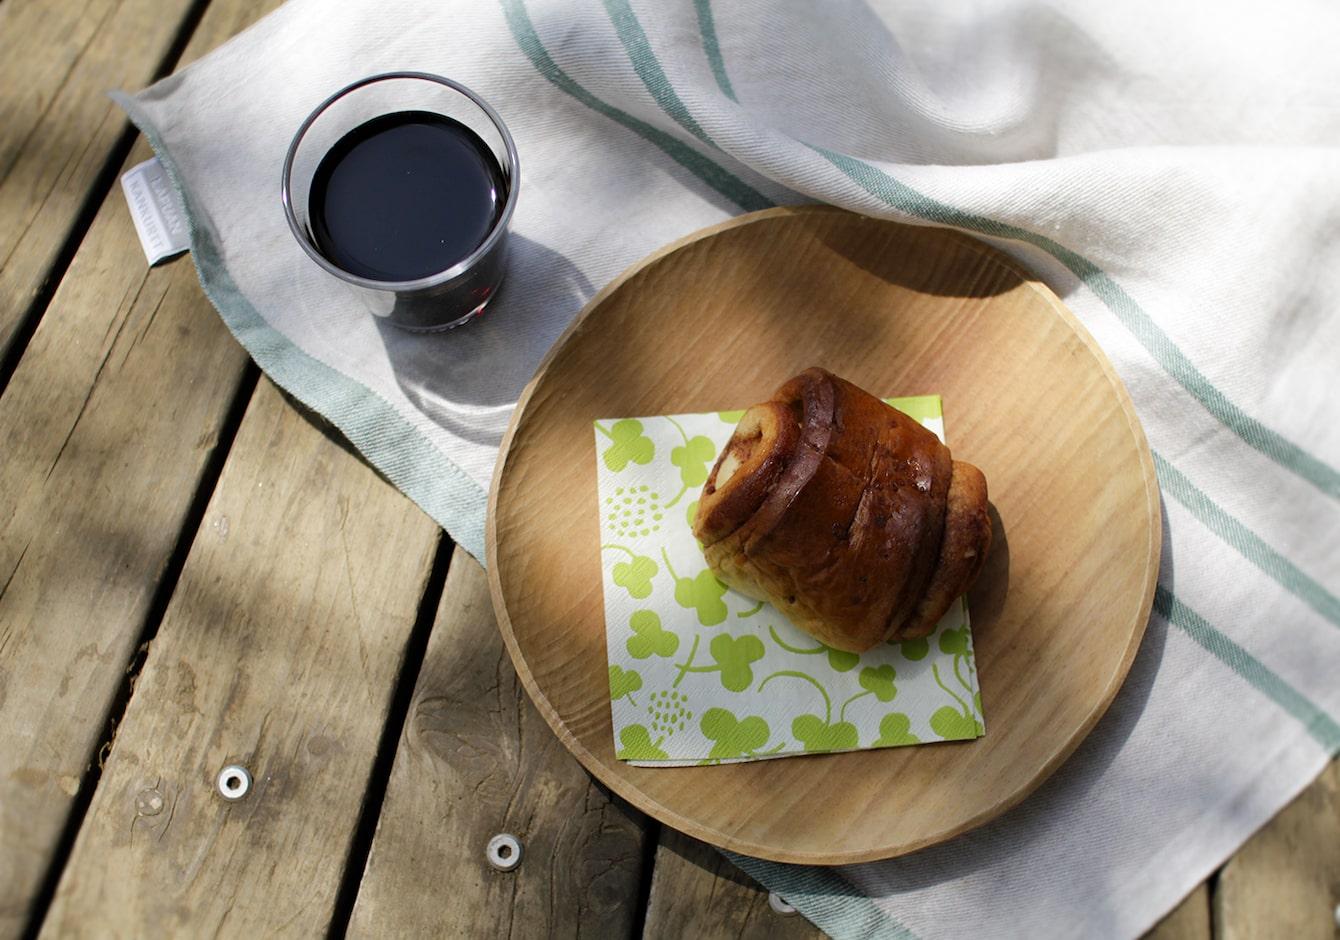 初夏のプレゼントキャンペーン / APILA paper napkinのイメージ画像